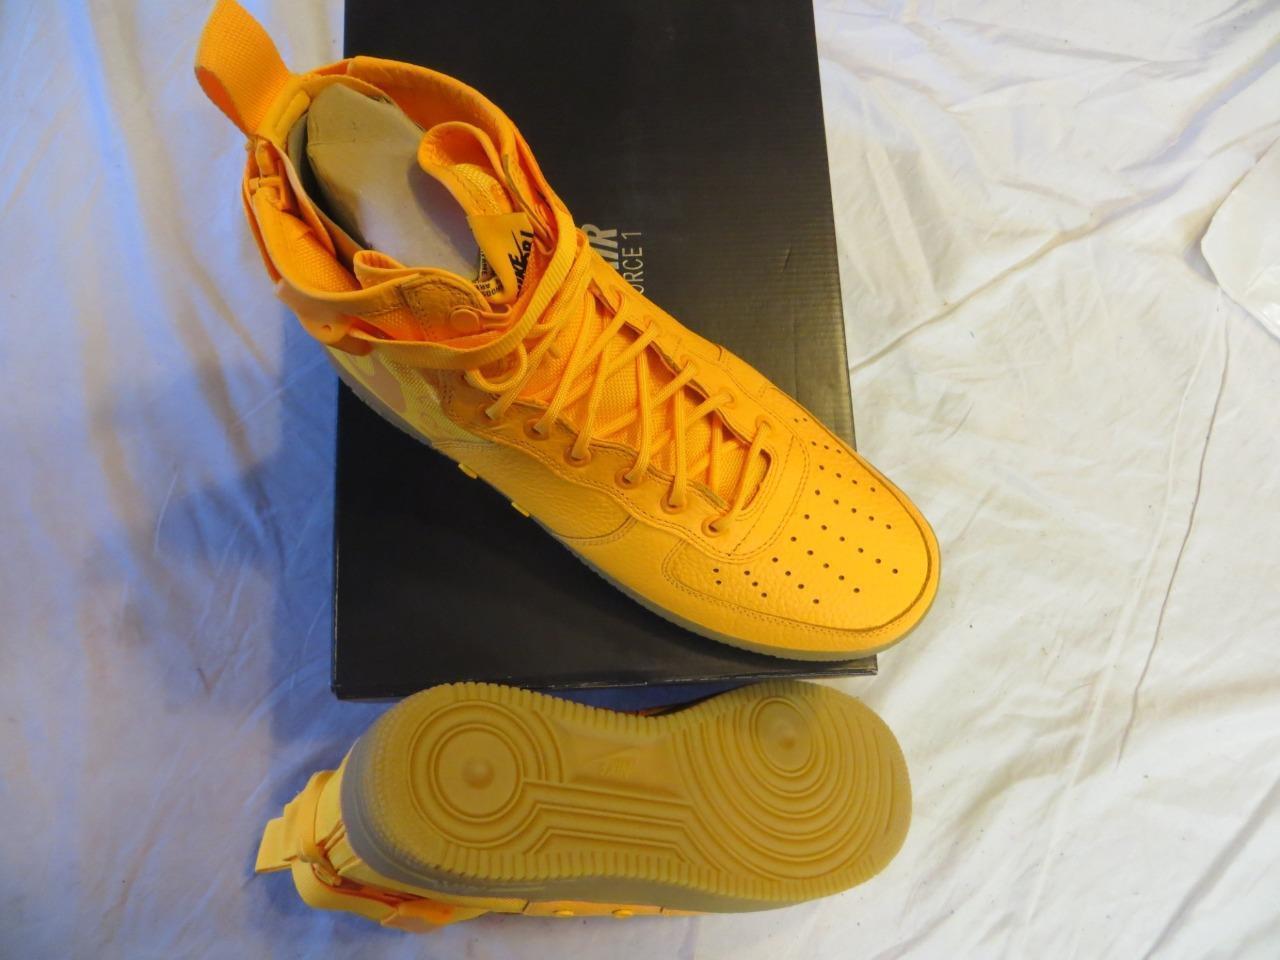 Nike uomini sf af1 mid (objr) sz laser arancione (917753 801) ret pennino